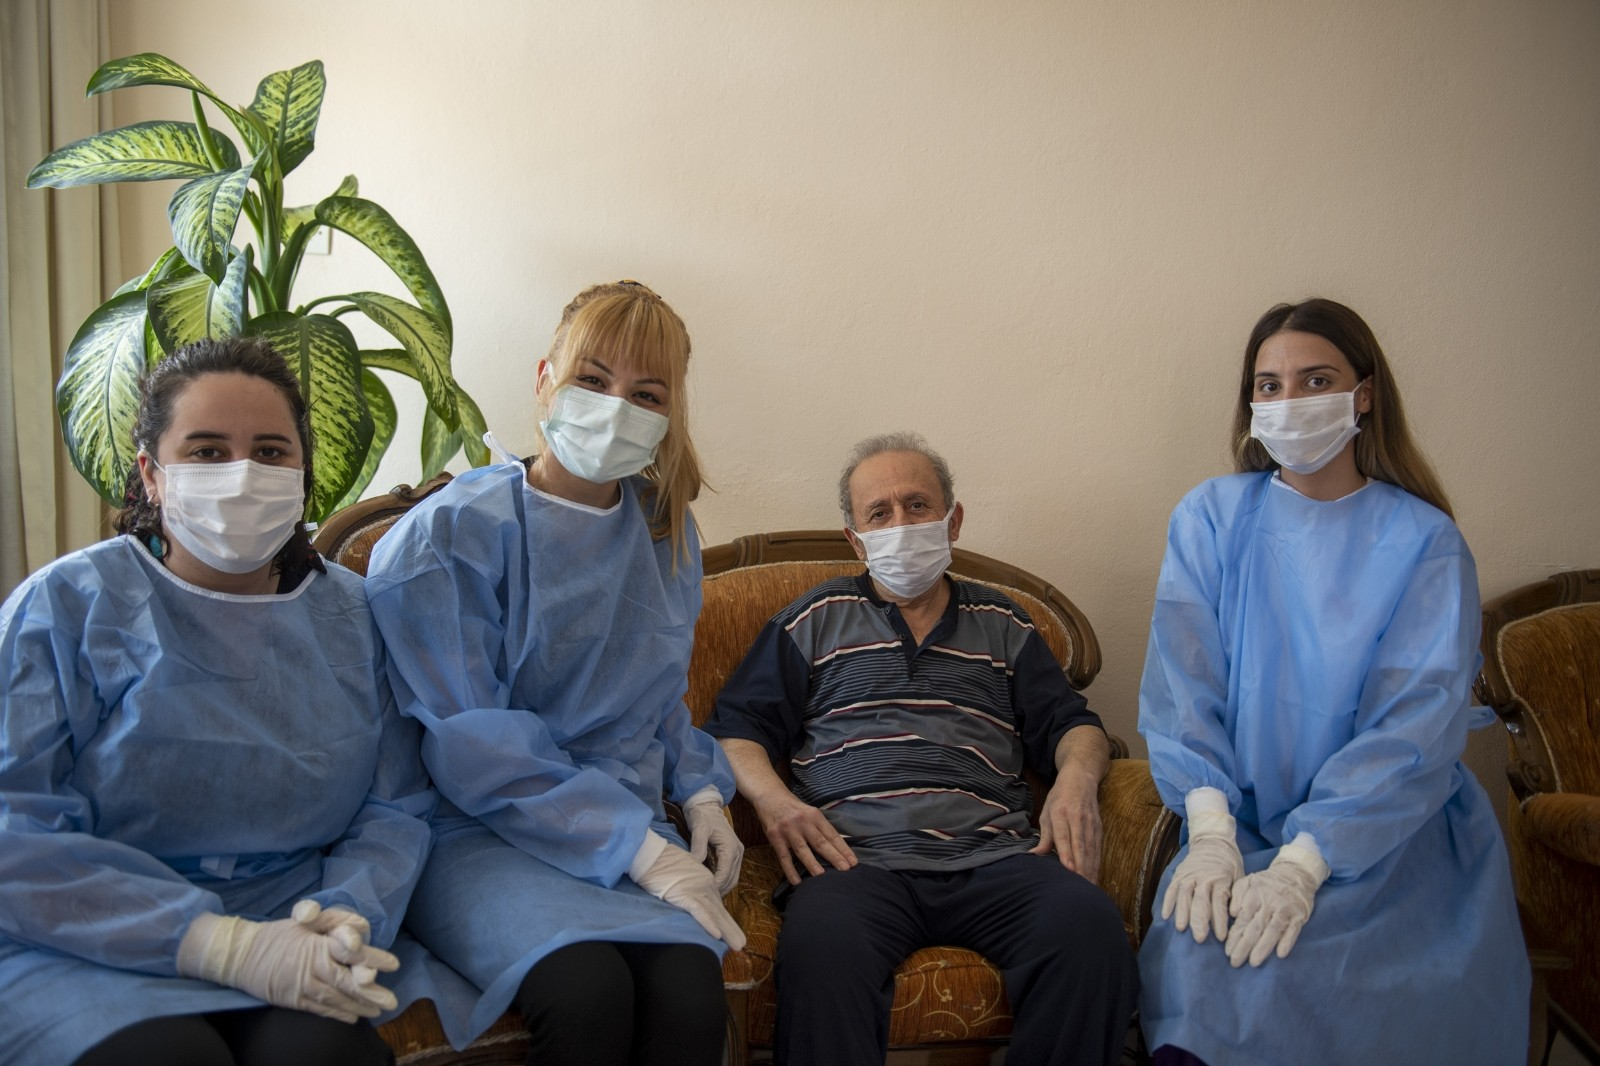 felcli hasta evde bakim hizmetiyle yeniden yurumeye basladi